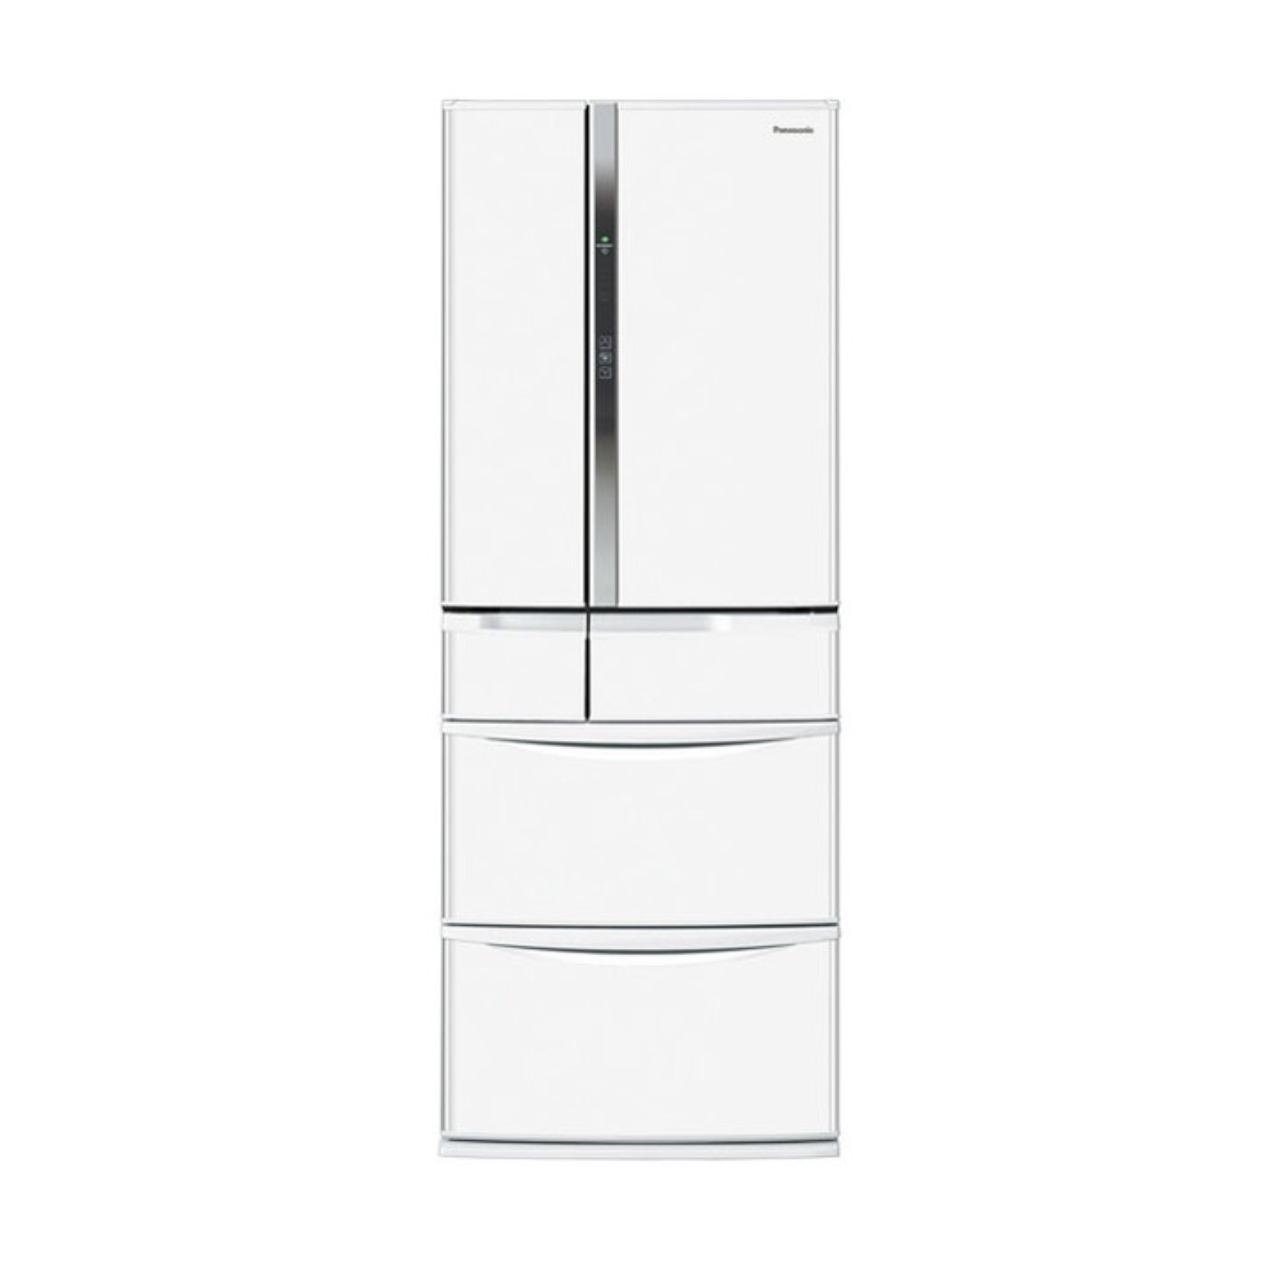 パナソニックNR-FV45S1冷蔵庫